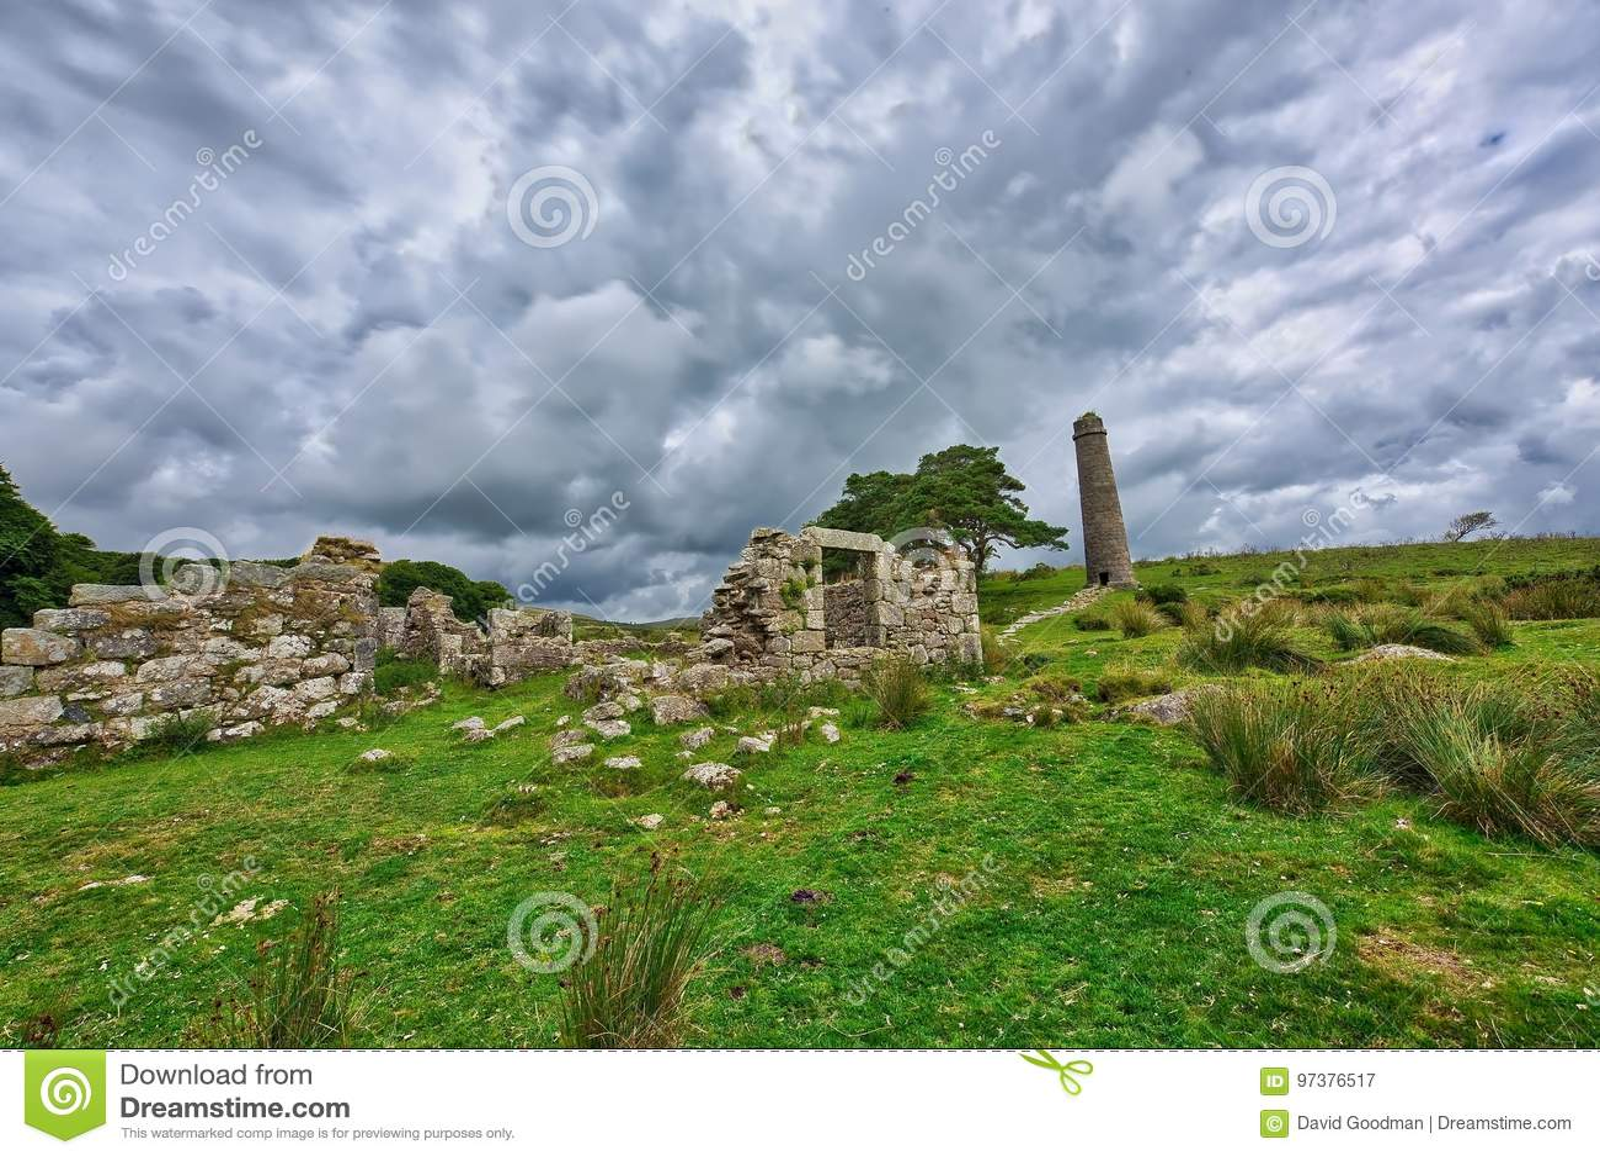 Old Derelict Graite Tin Mine on top of Dartmoor in England